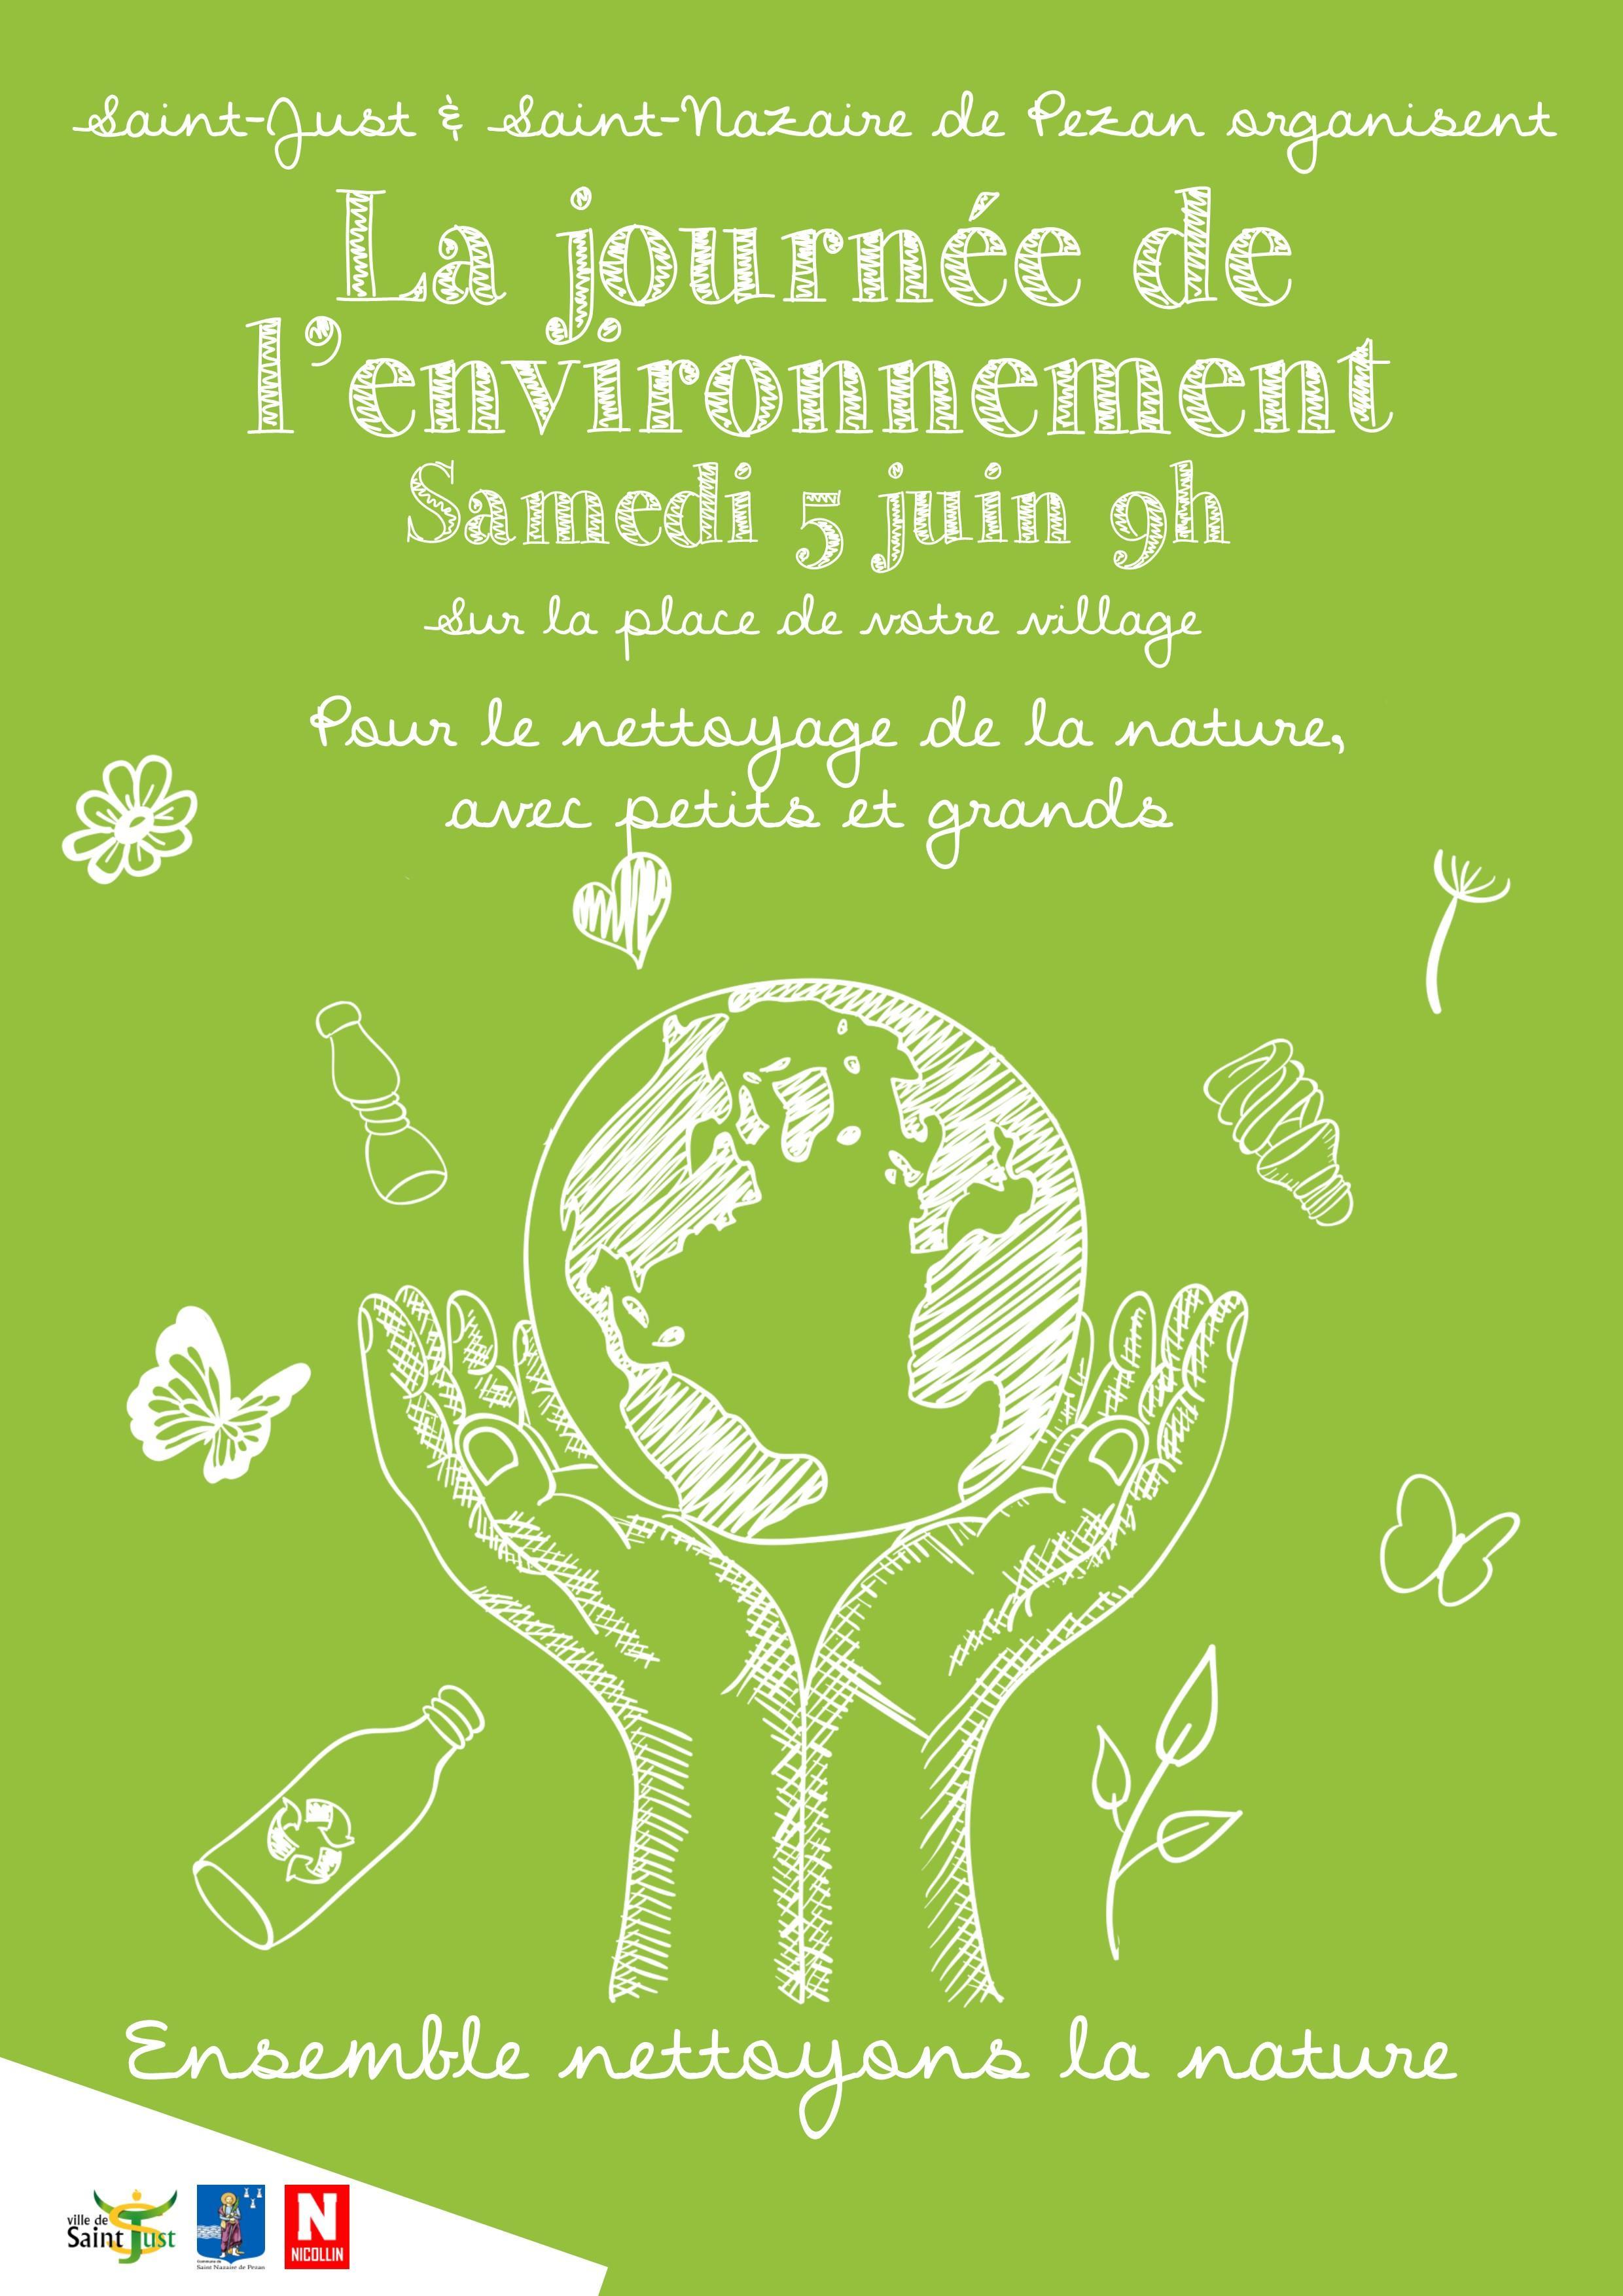 Image de couverture - Journée de l'environnement